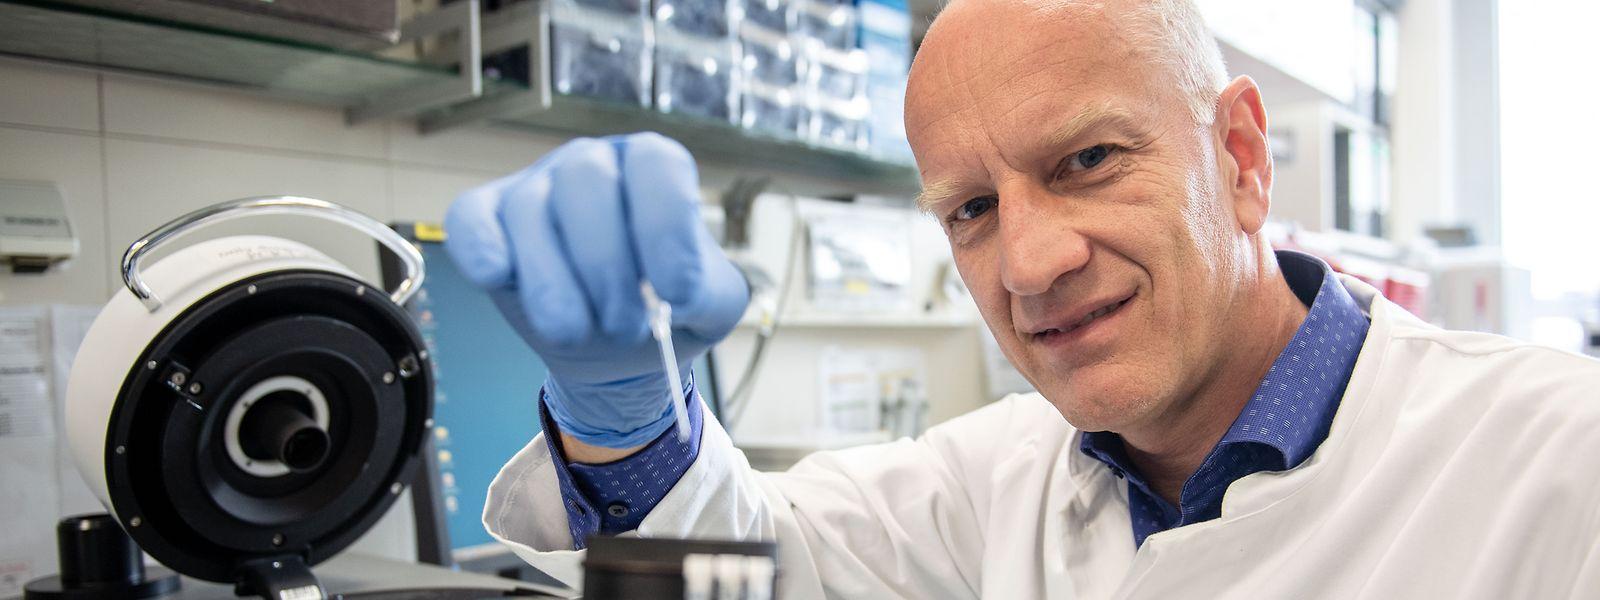 Ulf Dittmer, Leiter des Instituts für Virologie der Universitätsklinik Essen.